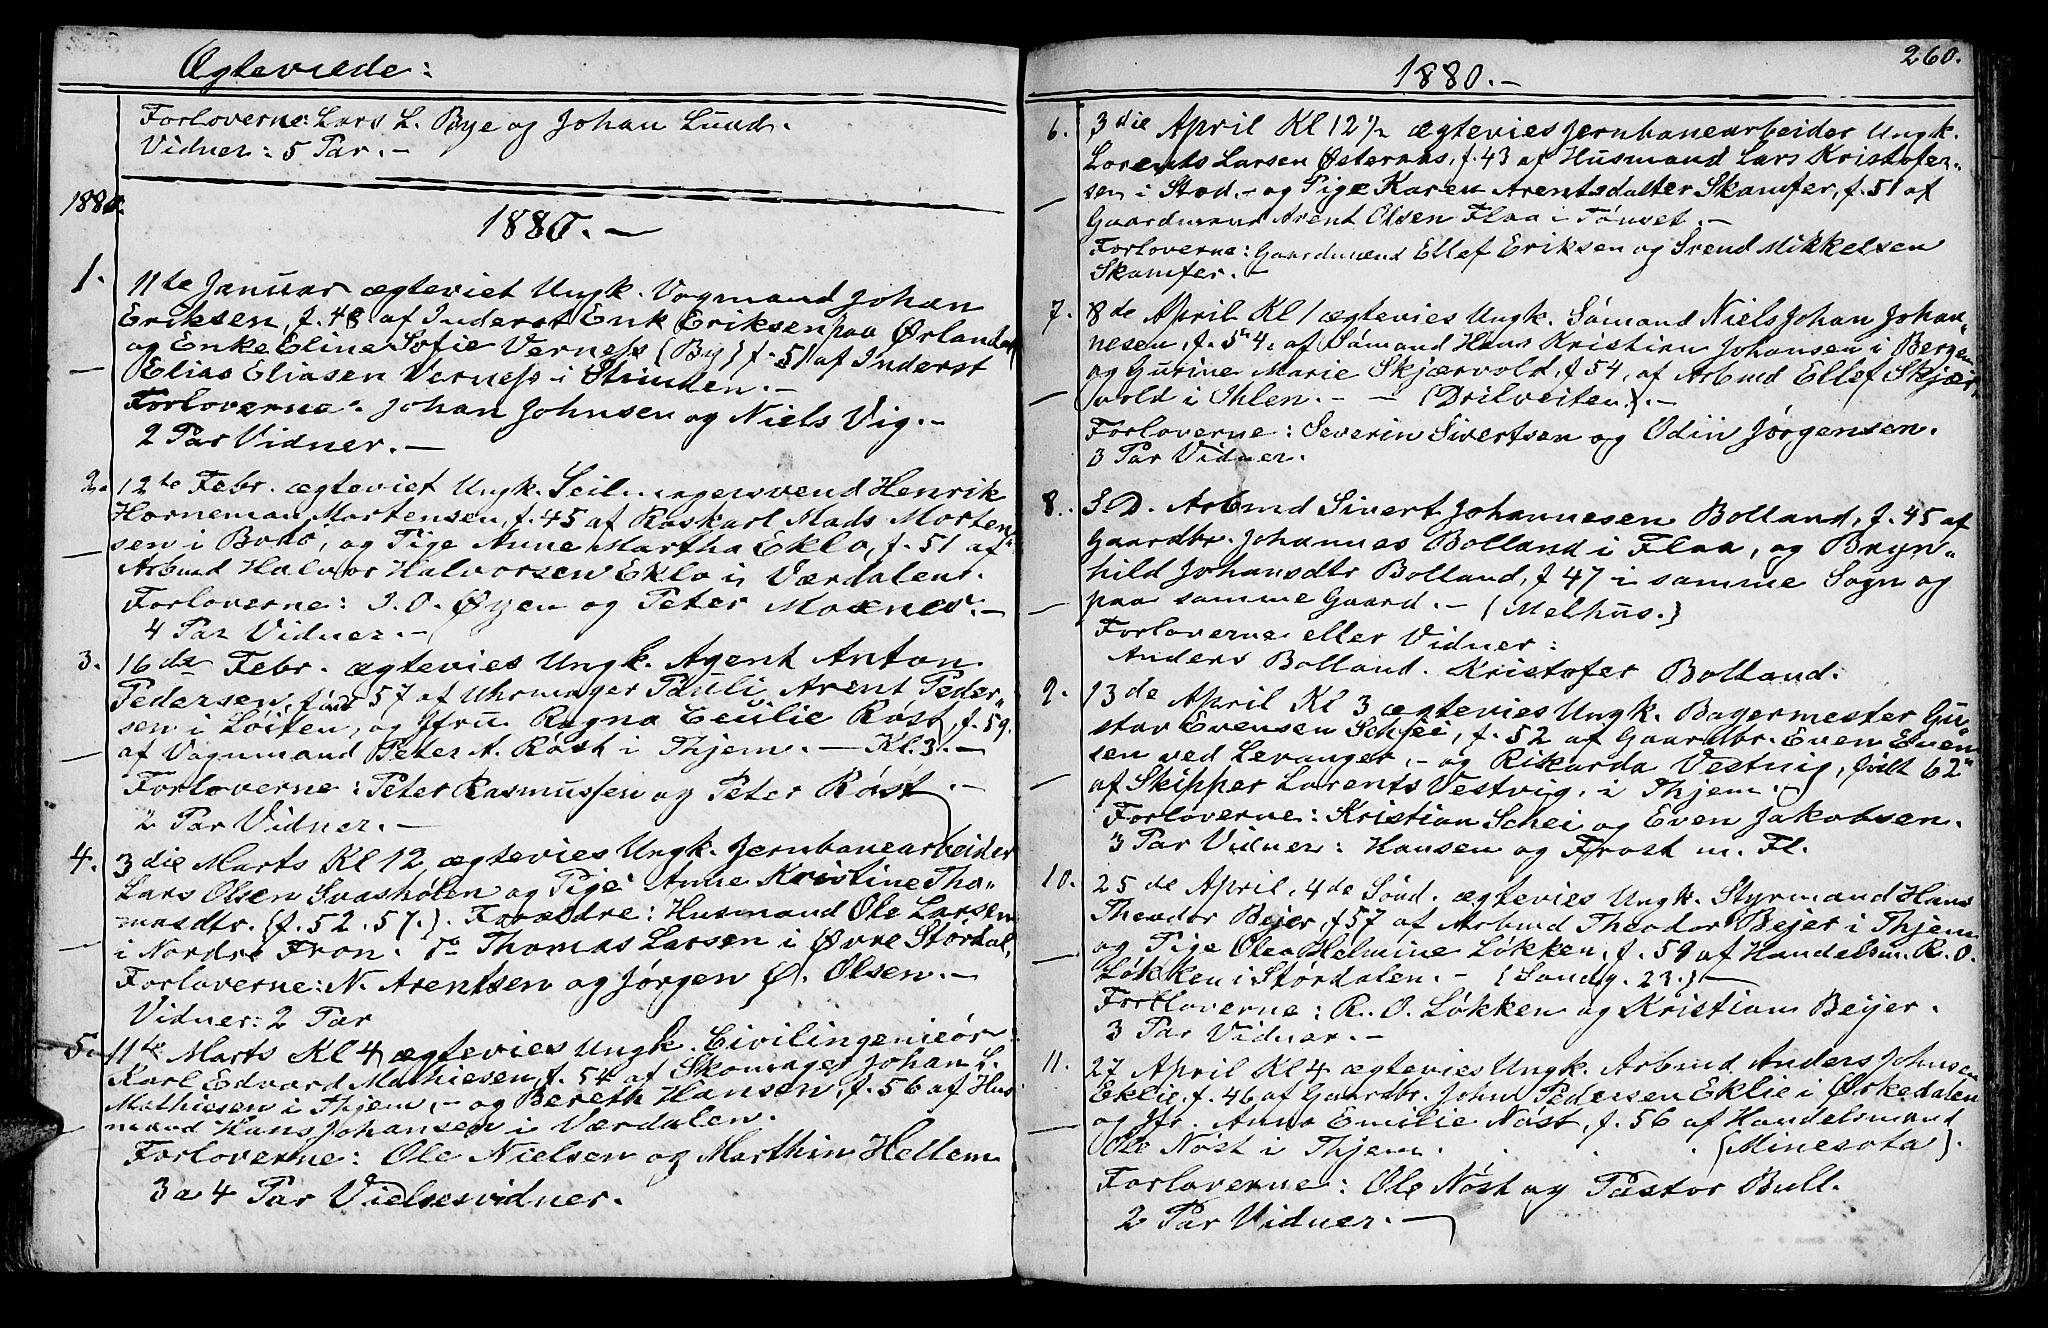 SAT, Ministerialprotokoller, klokkerbøker og fødselsregistre - Sør-Trøndelag, 602/L0142: Klokkerbok nr. 602C10, 1872-1894, s. 260